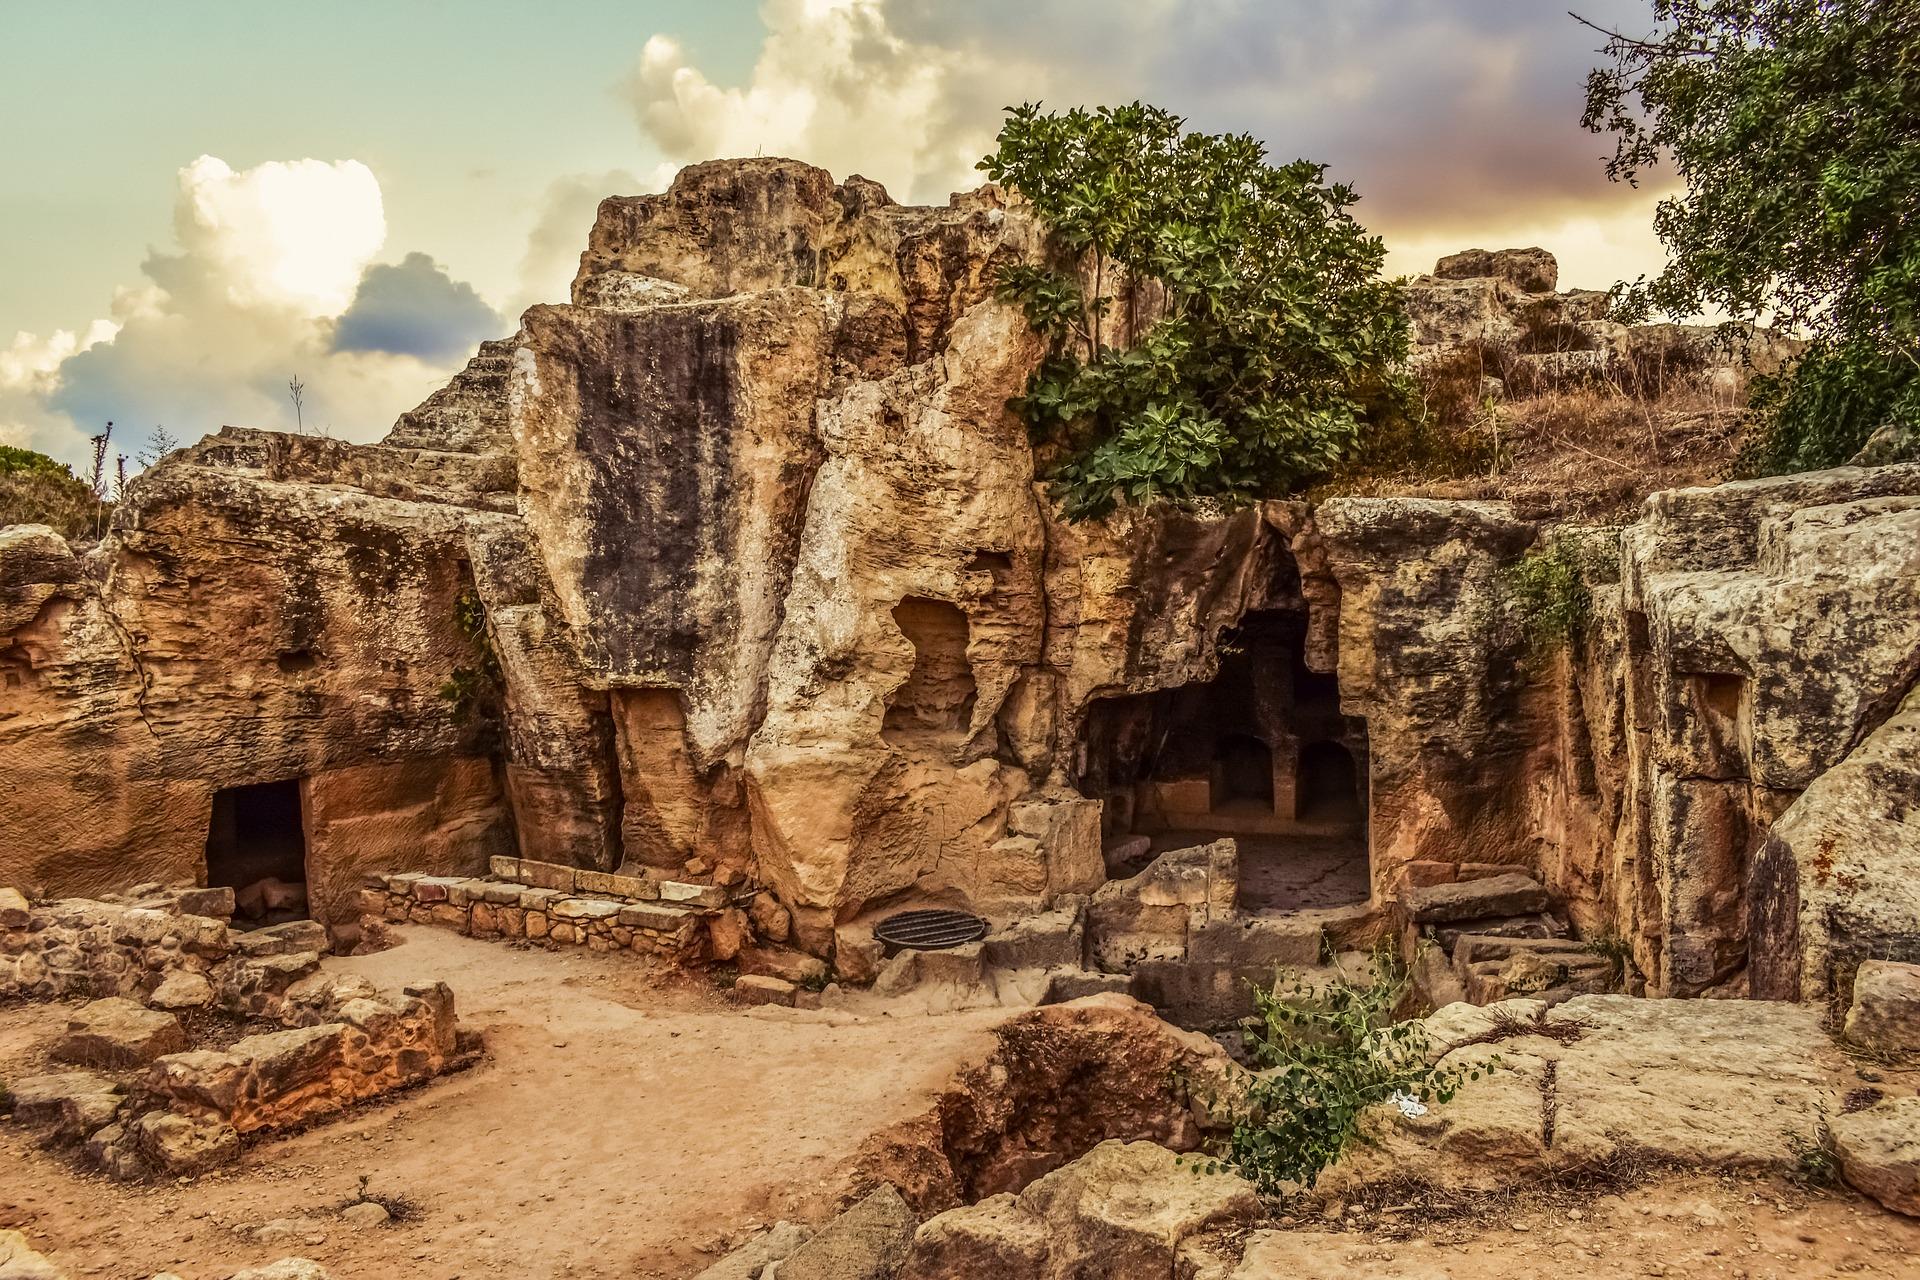 Античные развалины на фоне морских пейзажей